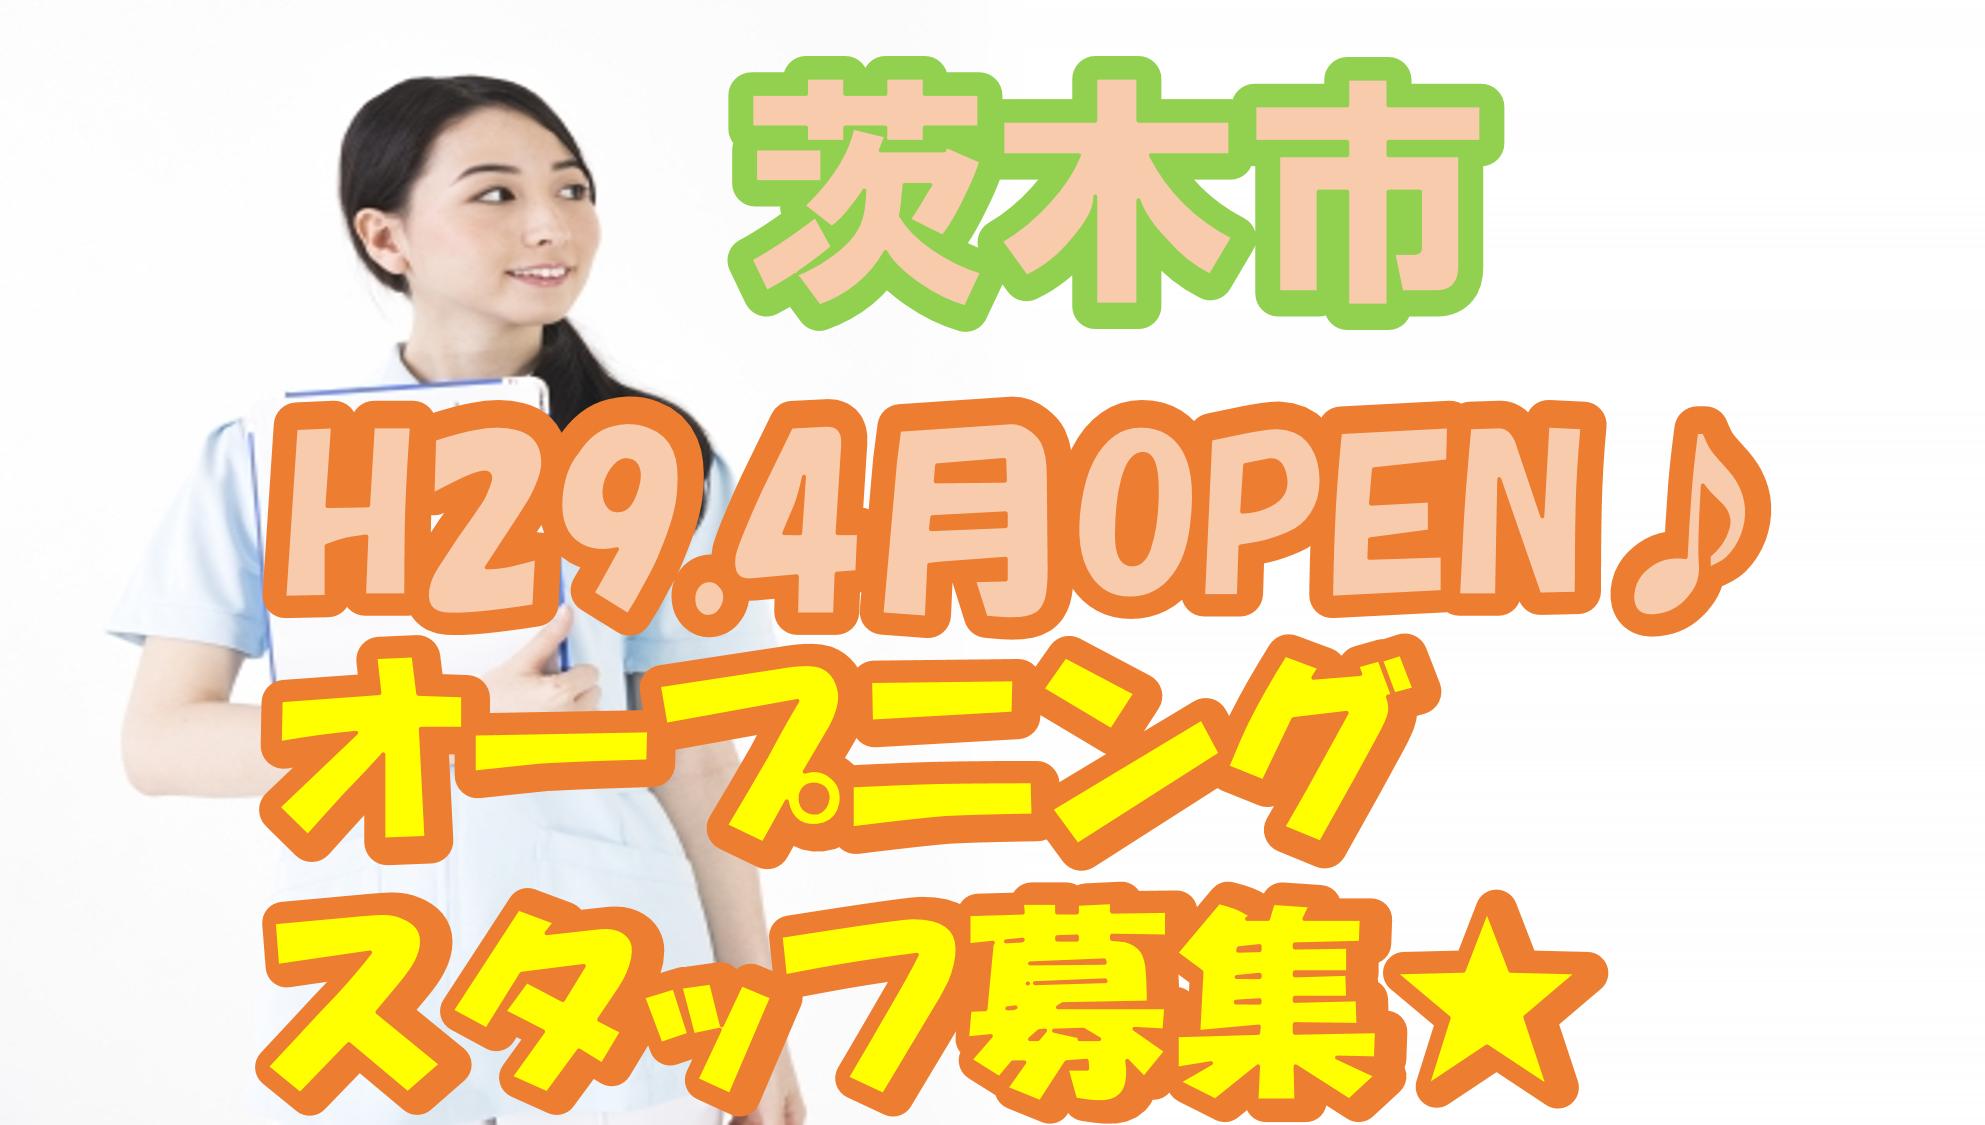 【茨木市】介護スタッフ(パート)豊川の有老で介護パート職を♪新規オープンの施設で勤務しませんか?★p-ig-h4-sho イメージ